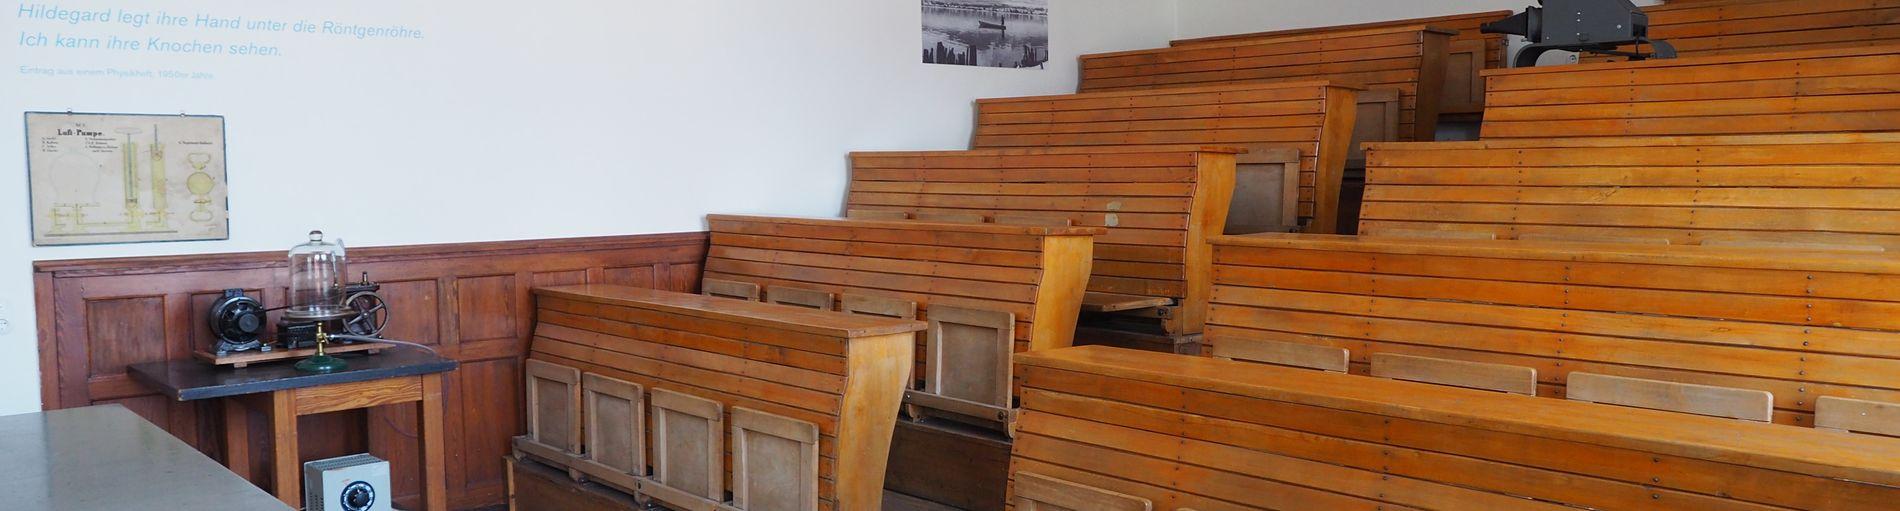 Ein alltes Ausstellungs-Klassenzimmer im Schulmuseum Bremen.